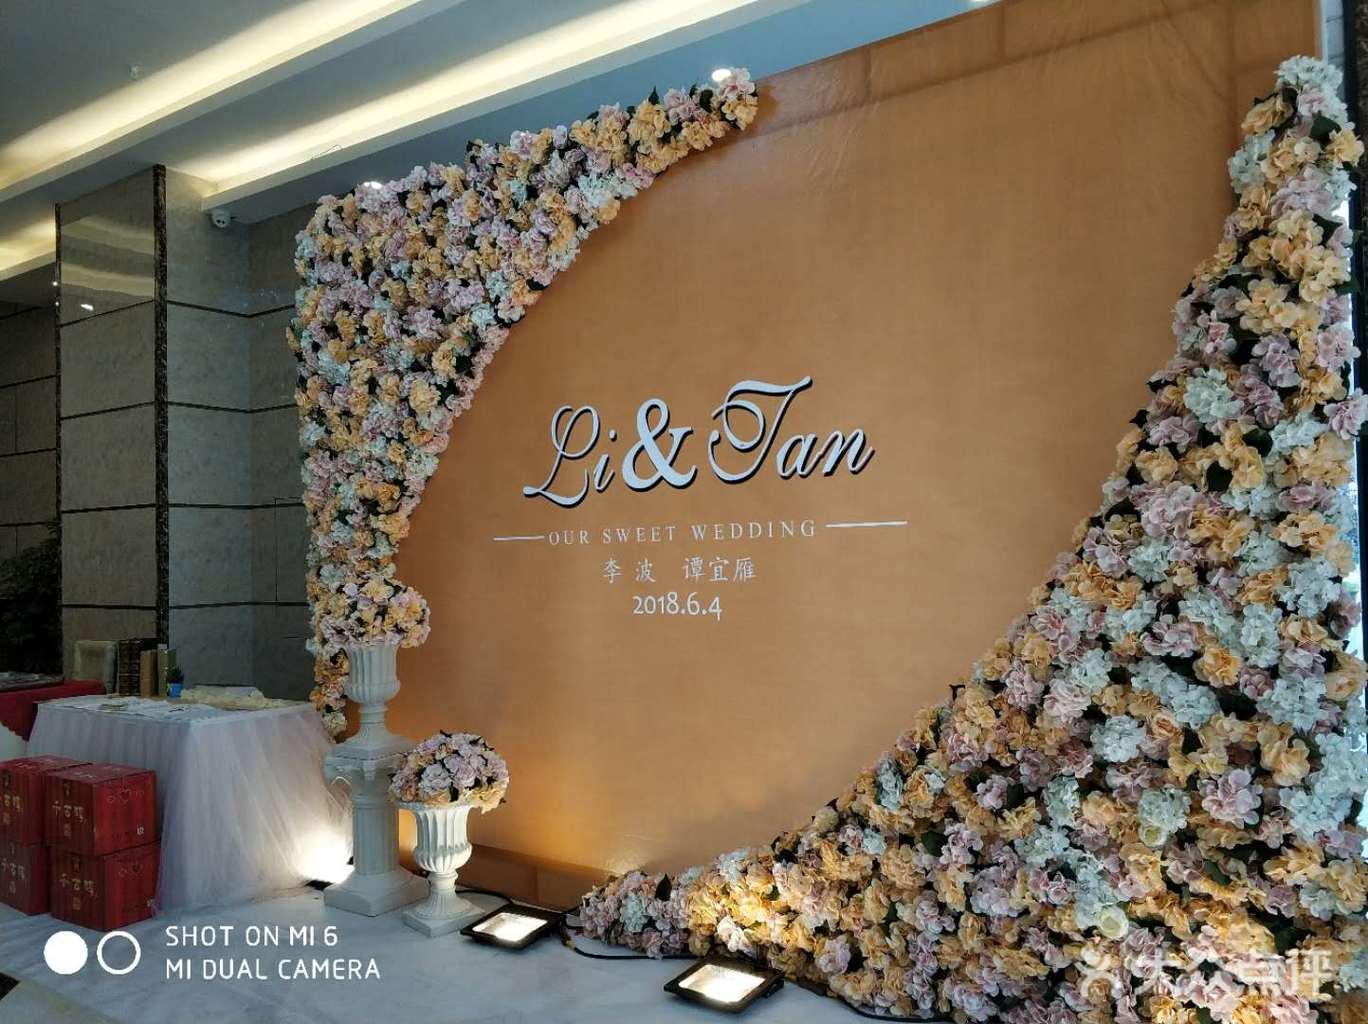 艺术花艺花墙, 3.新人名字logo设计 4.罗马柱花器2个及圆球形花艺